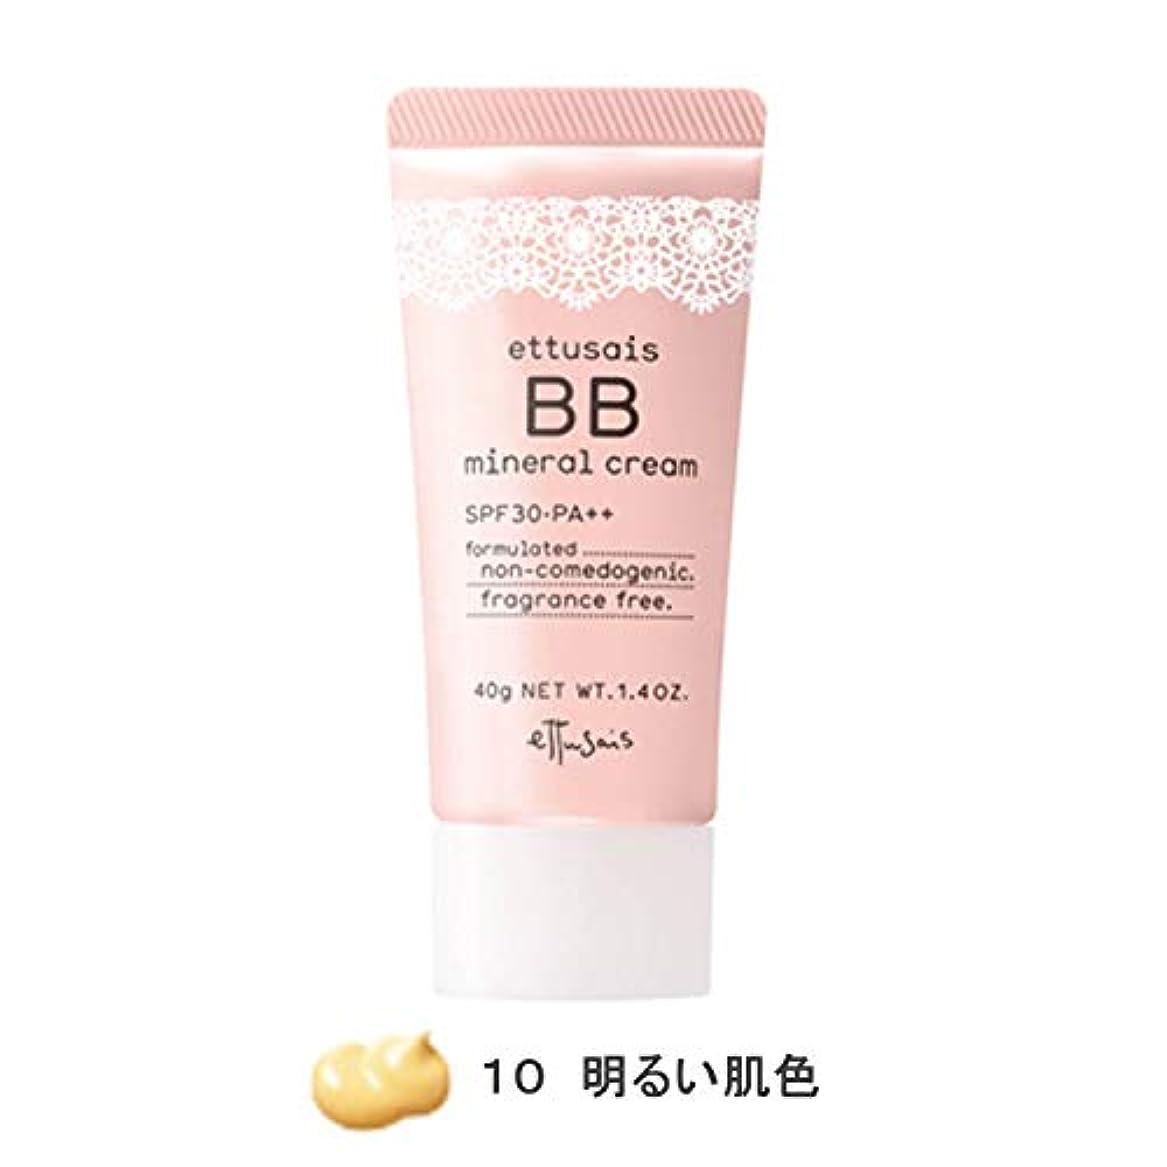 口述する圧縮された廃棄するエテュセ BBミネラルクリーム 10(明るい肌色) SPF30?PA++ 40g